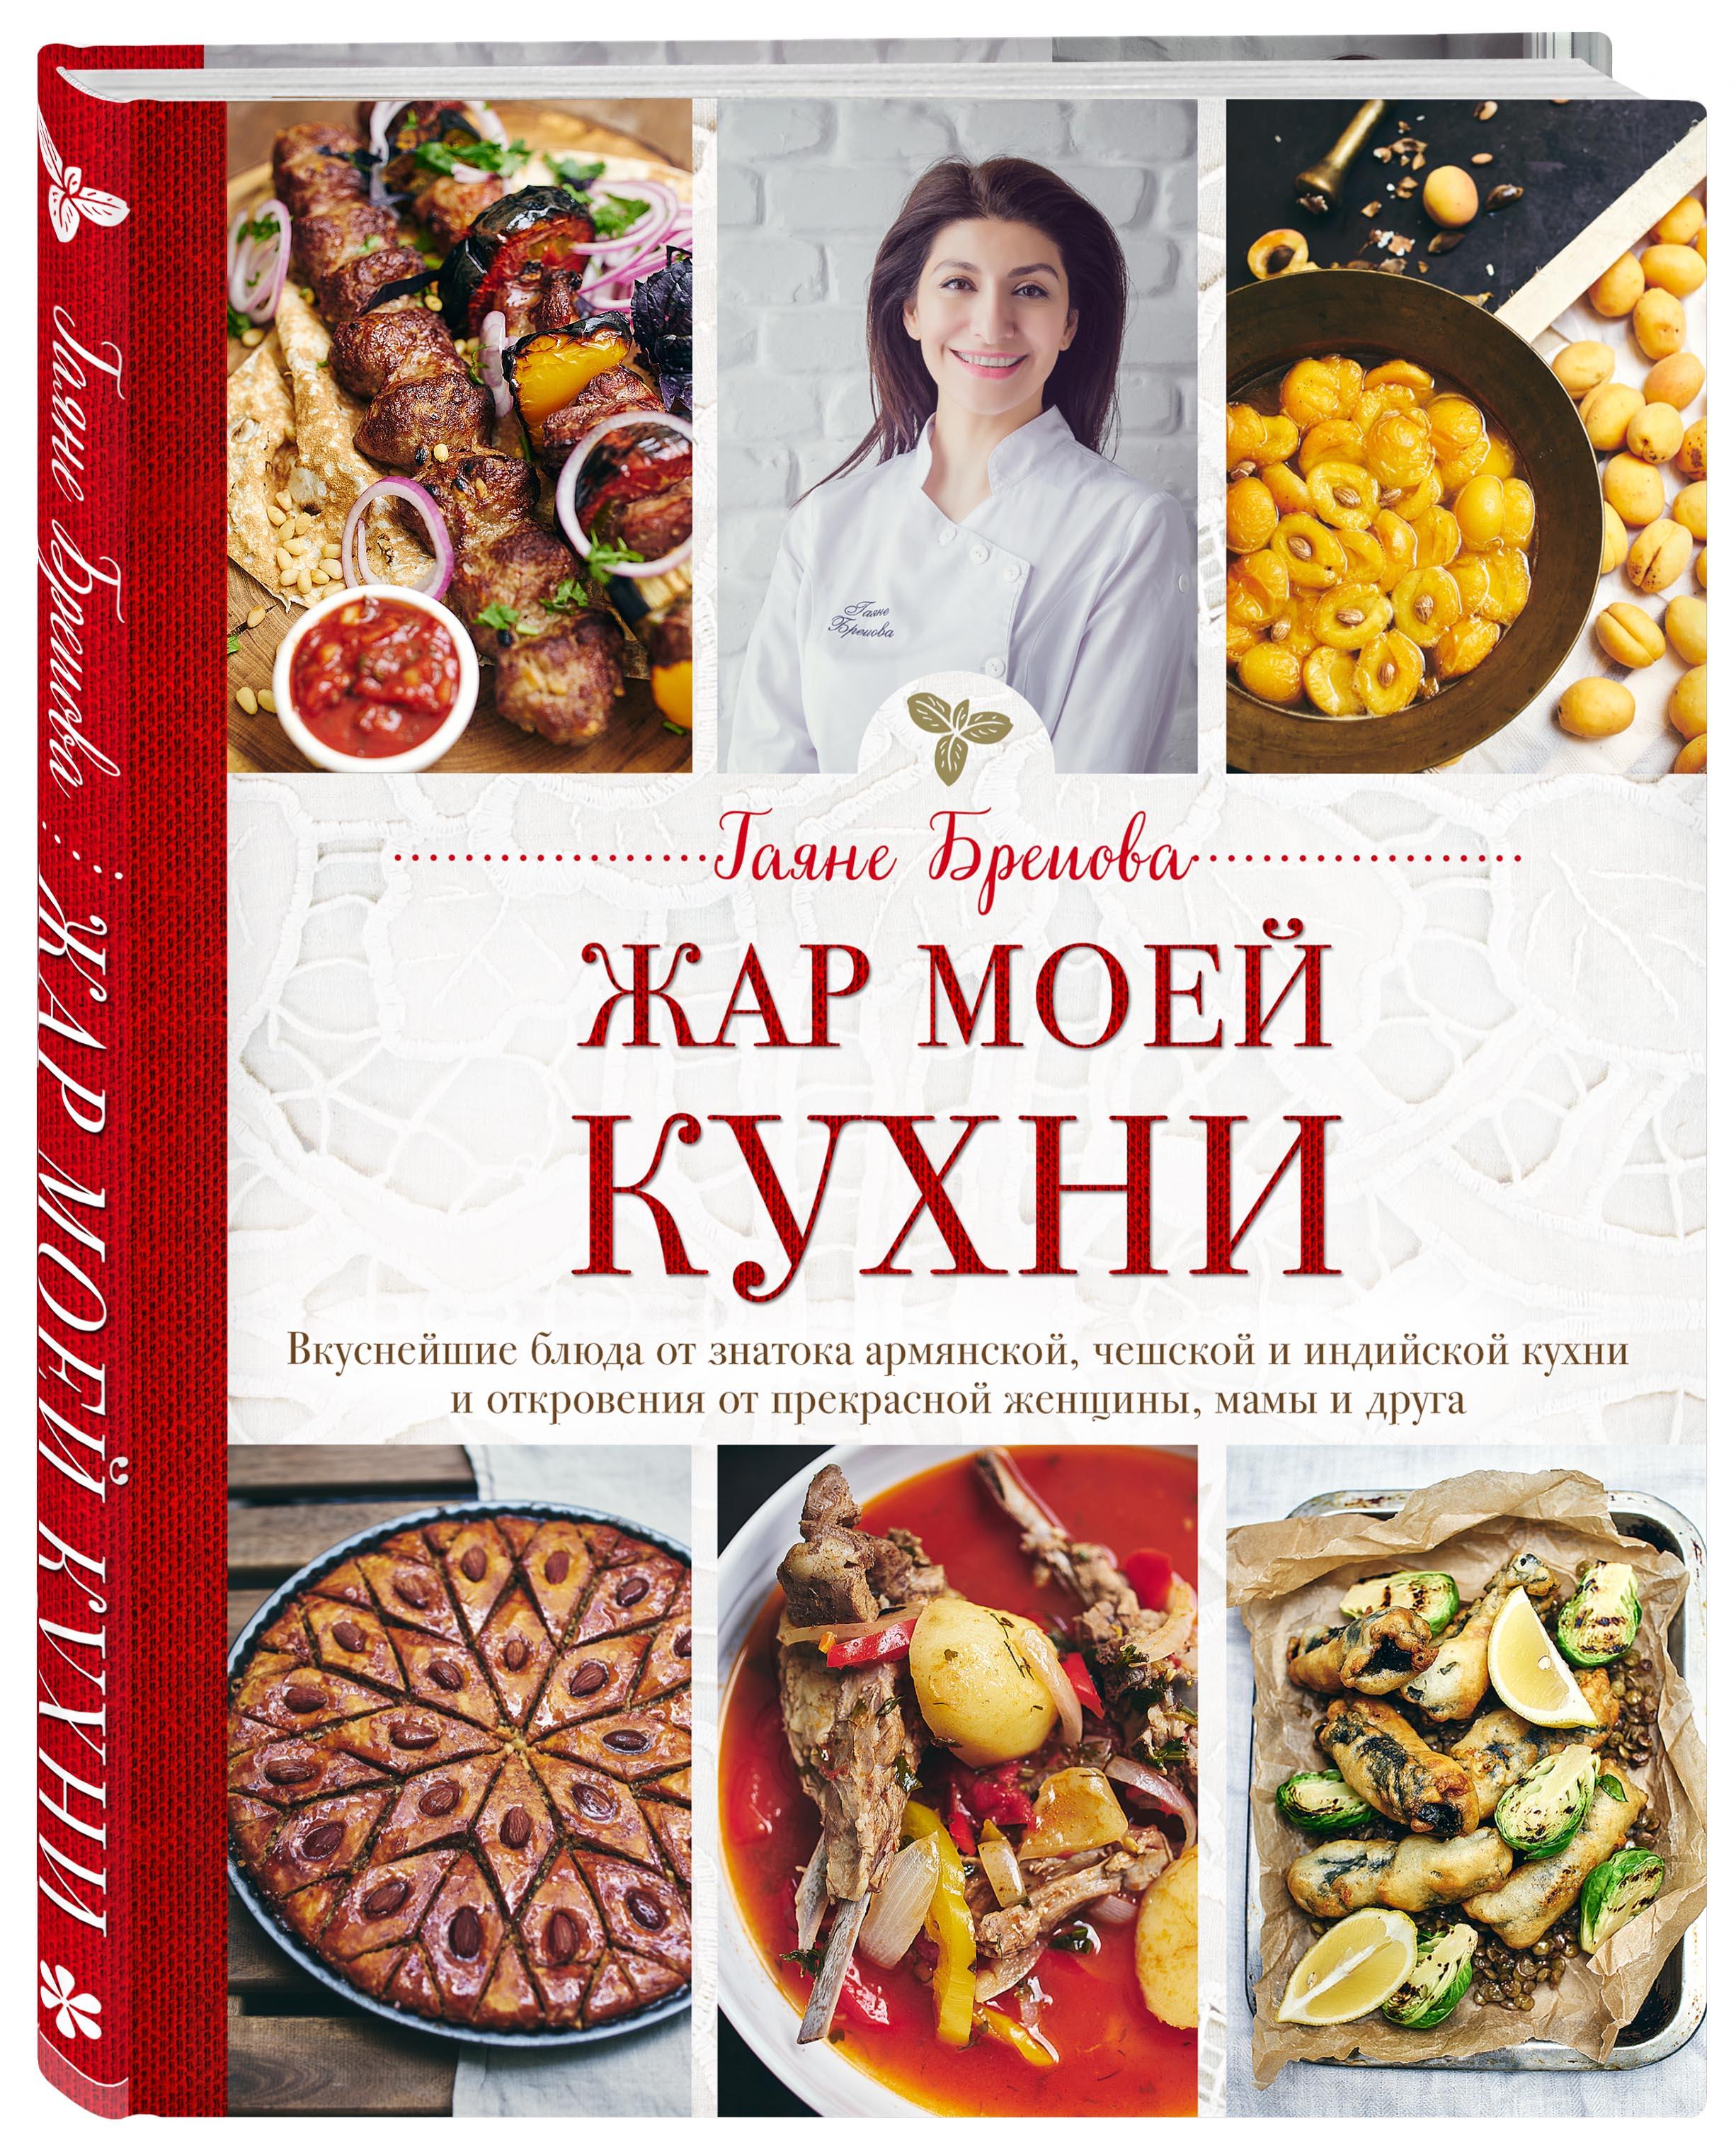 Гаяне Бреиова Жар моей кухни (маленькое авторское фото и блюда) отсутствует вегетарианские блюда